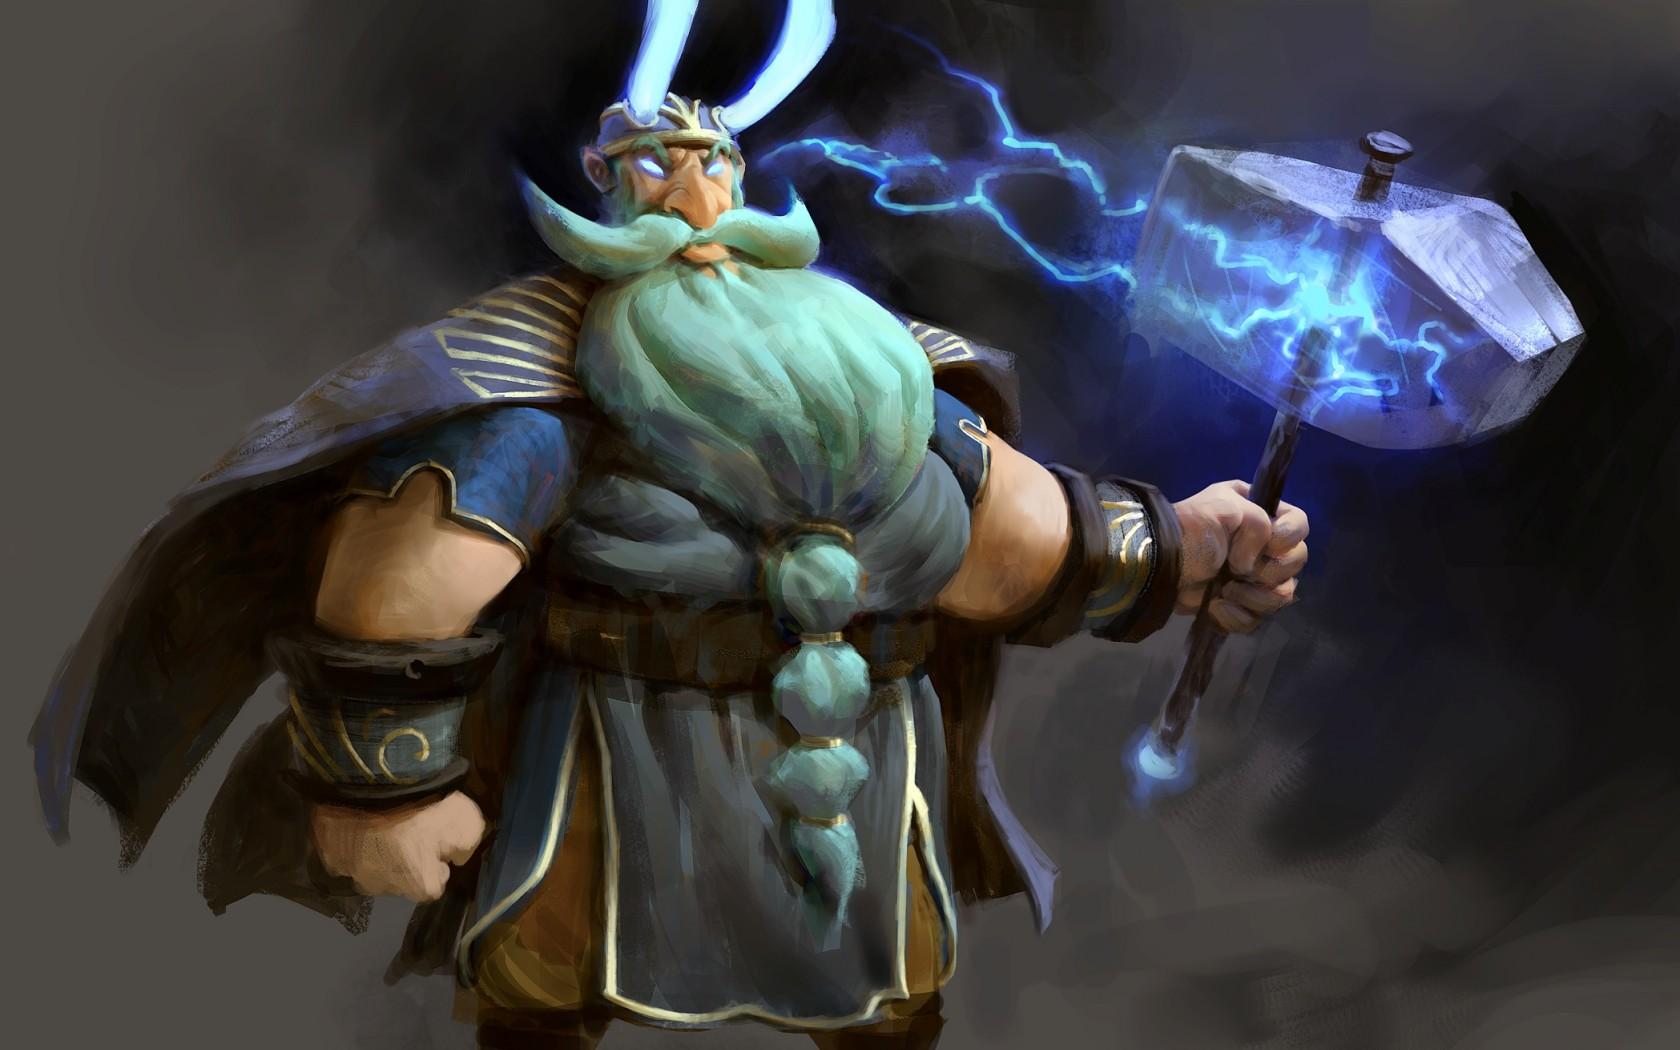 Zeus ART desktop pics